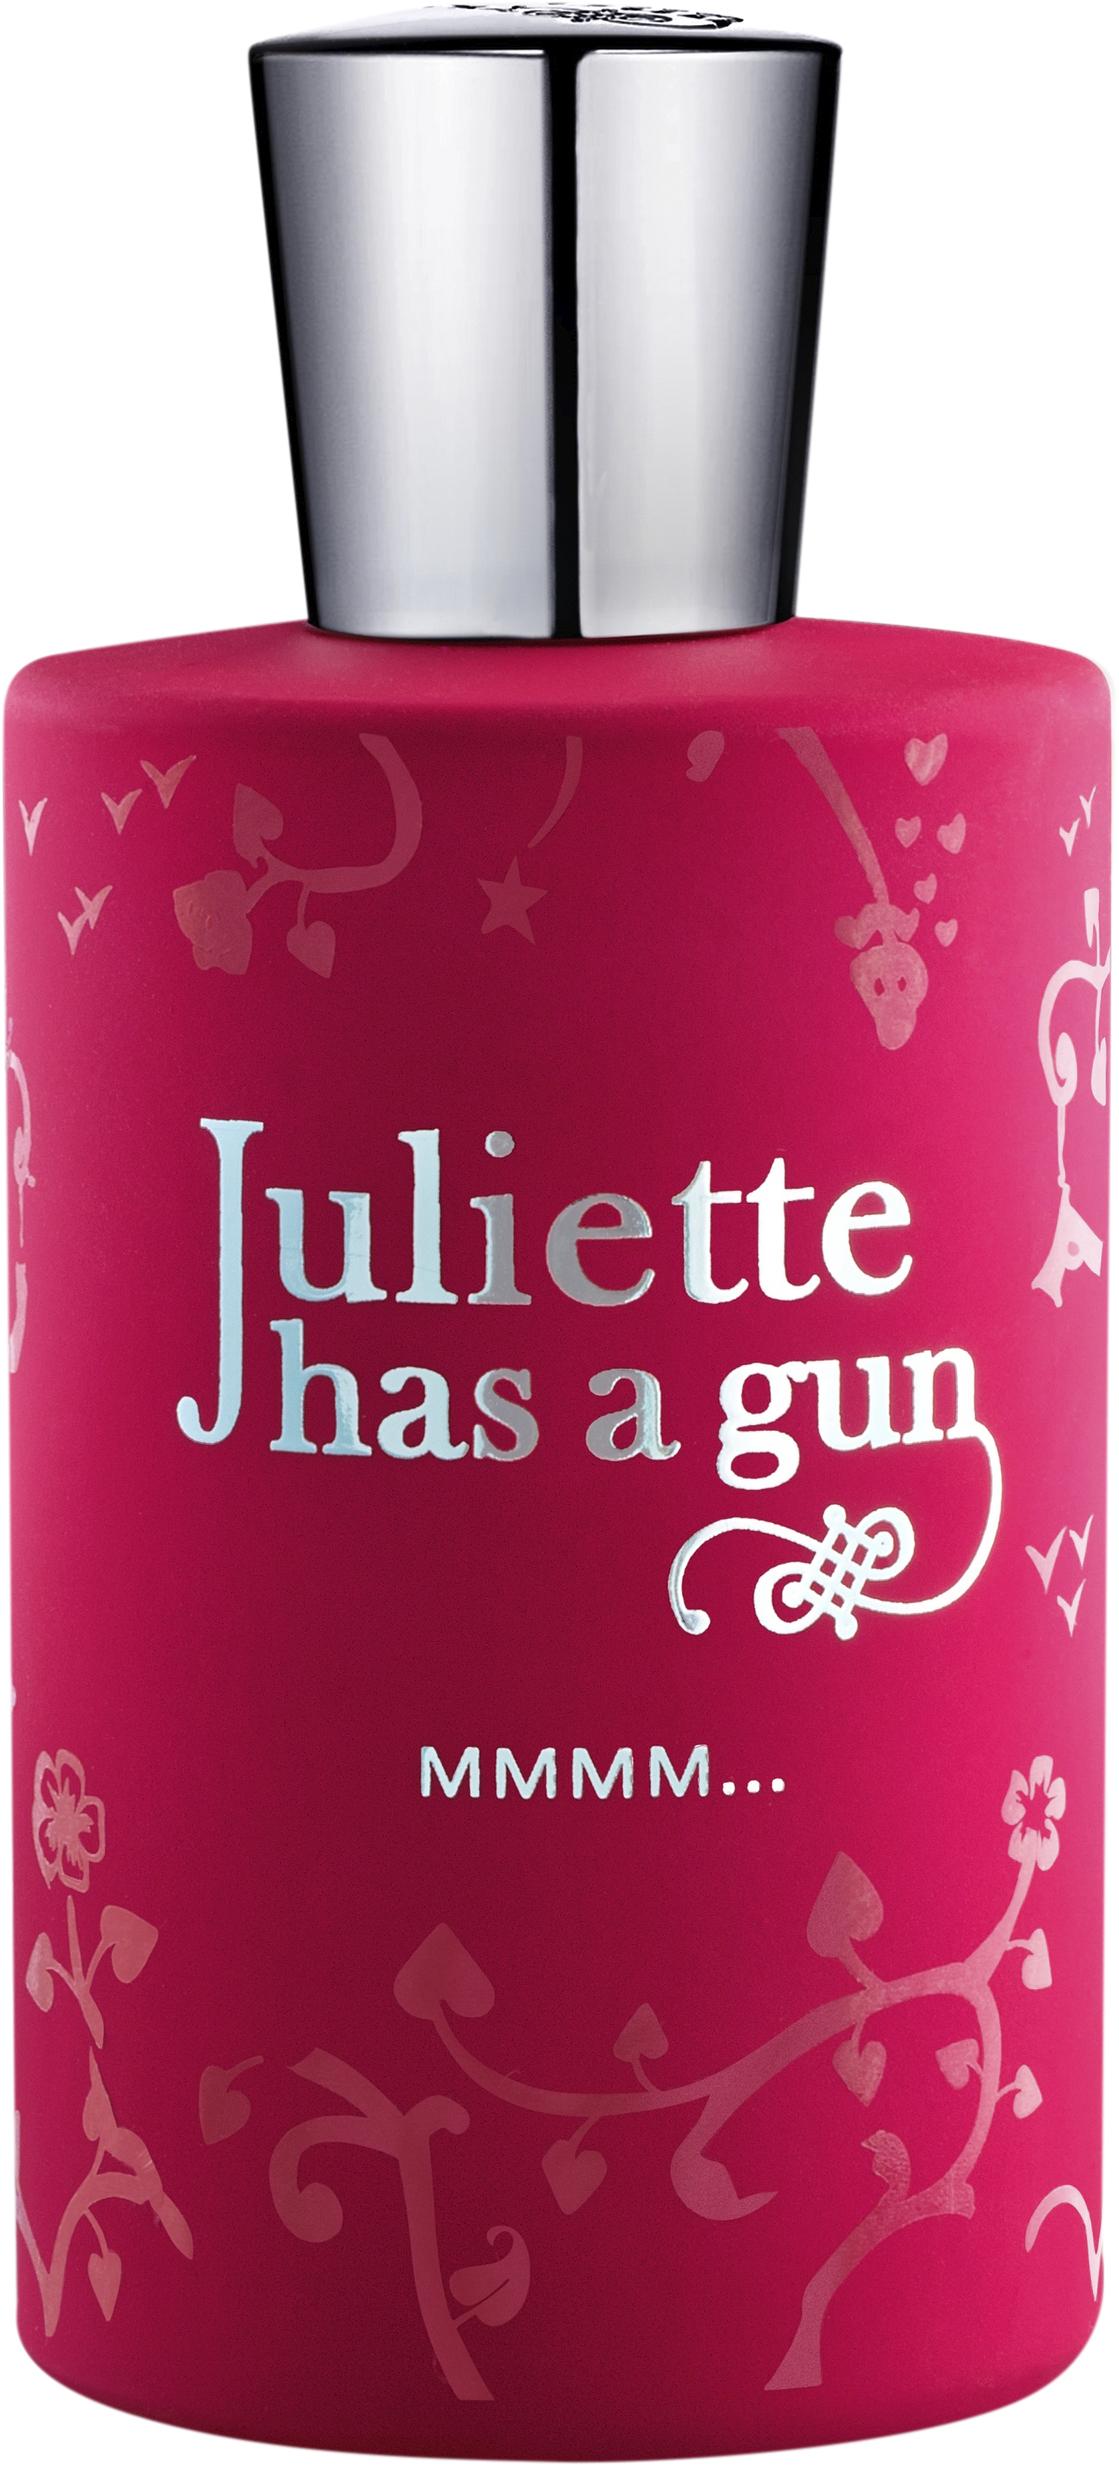 Juliette has a gun MMMM… EDP, 50 ml